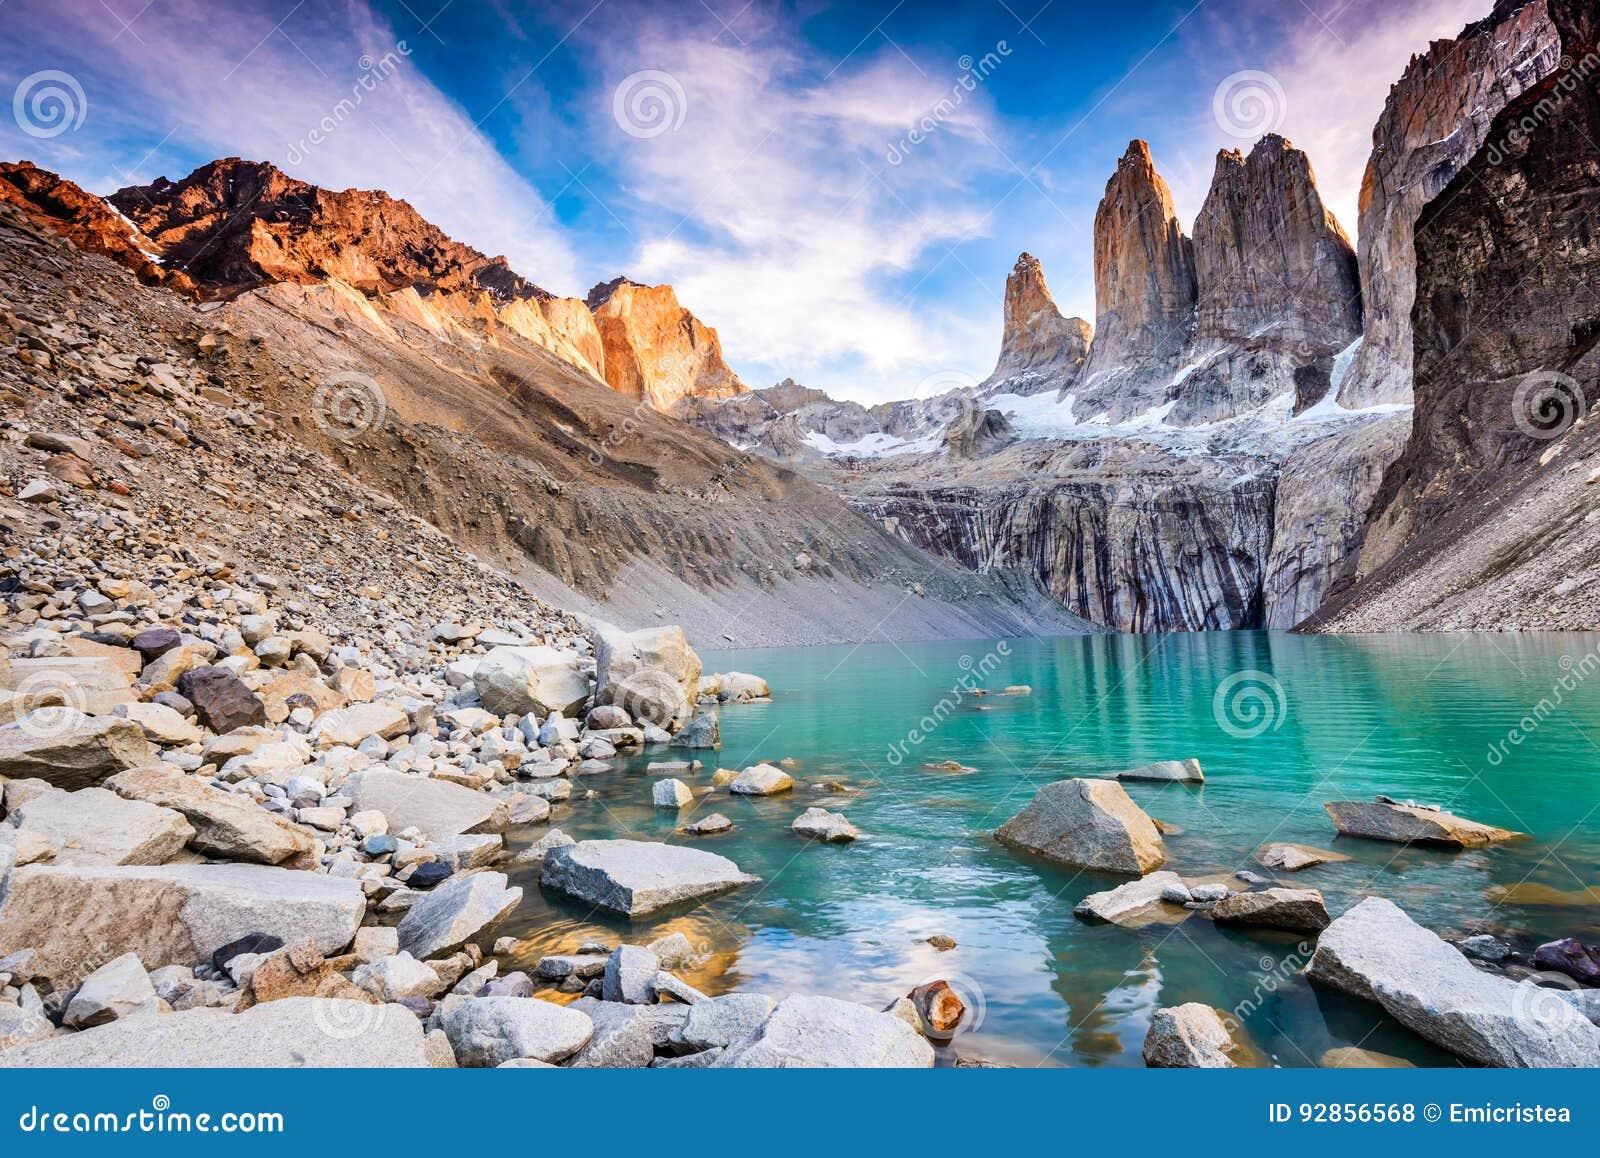 Torres de patagonia du Chili del paine